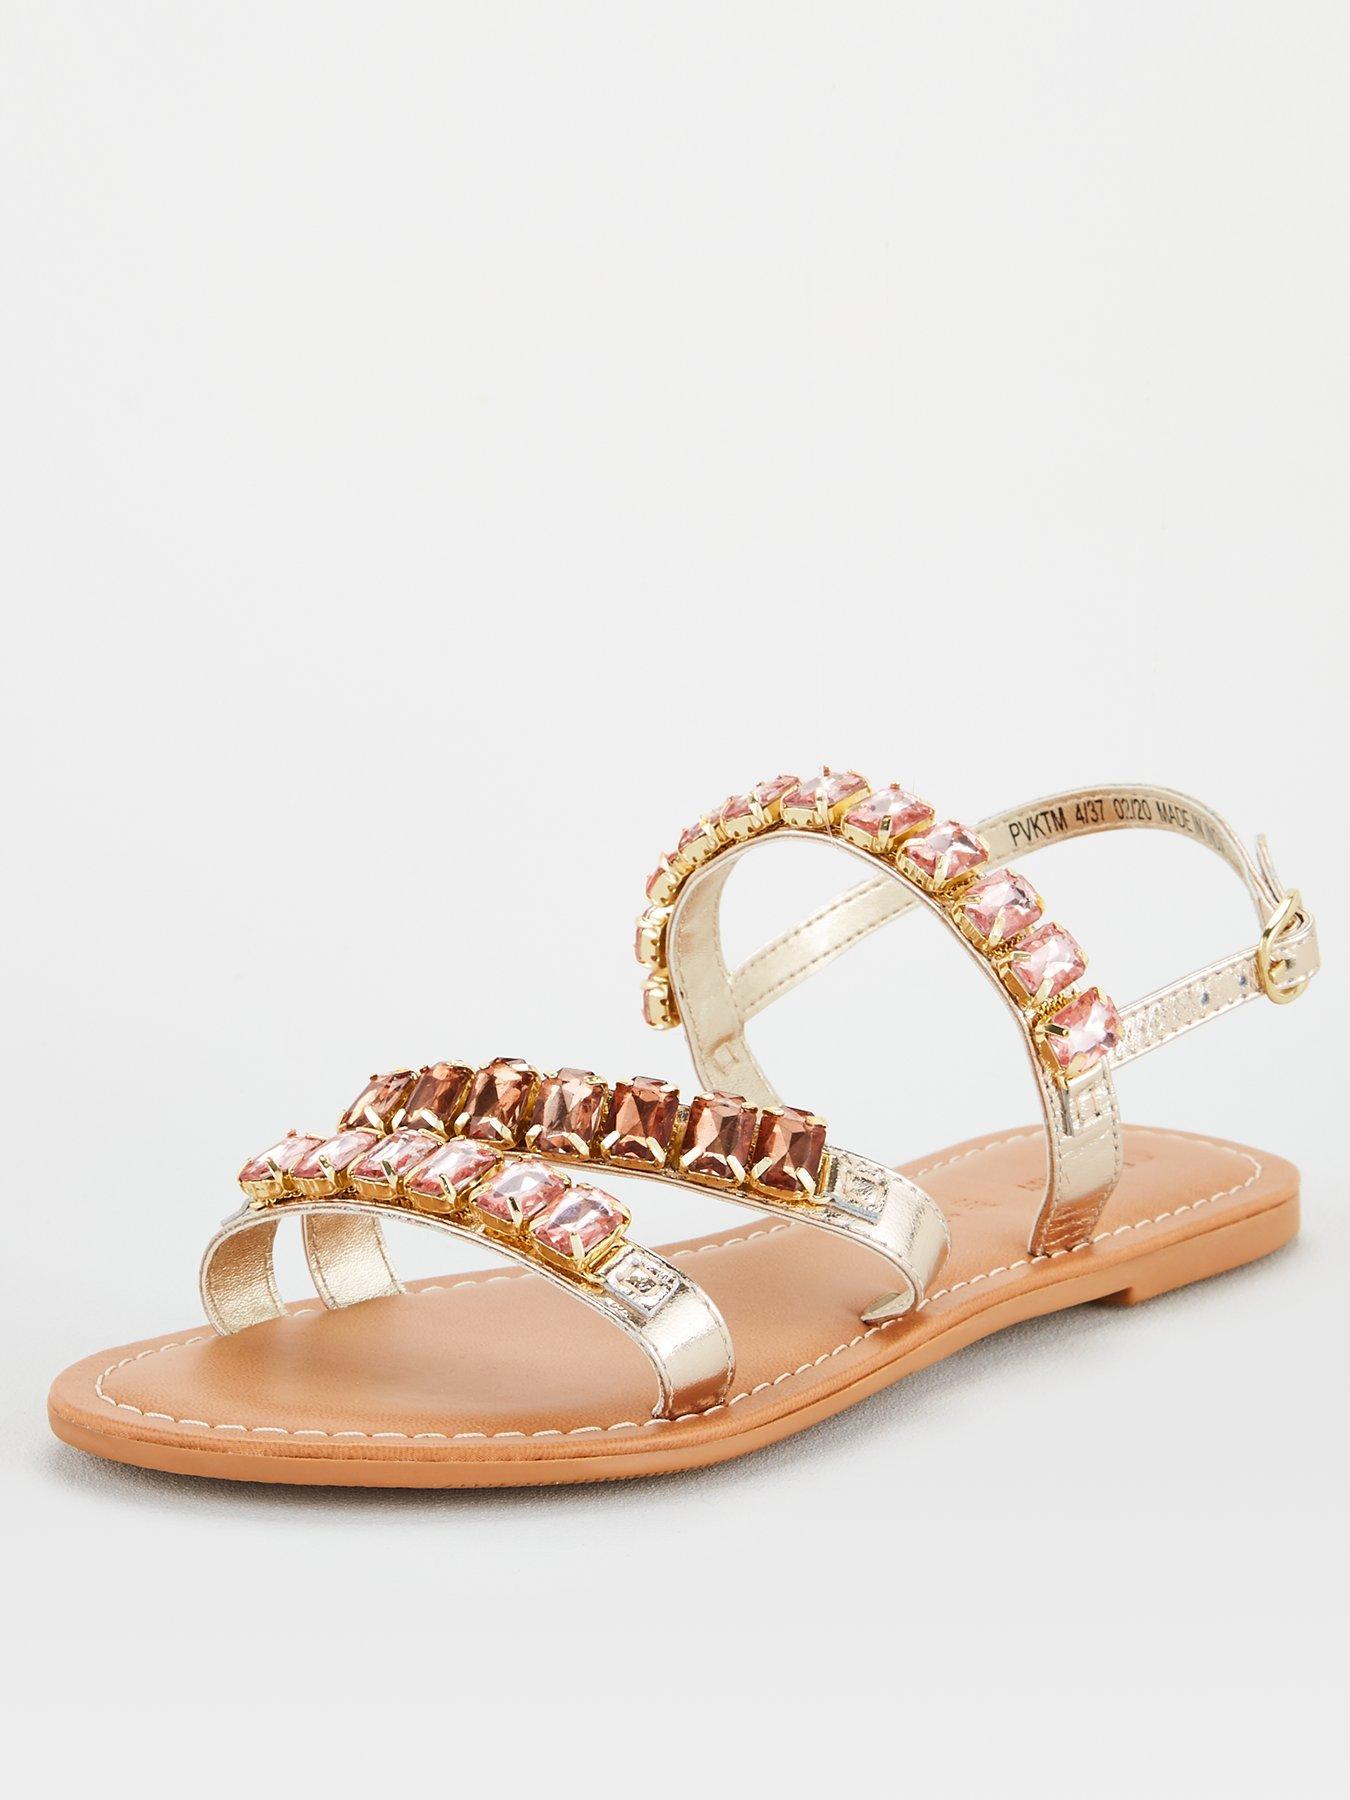 Boho Chic Beaded Sandals Strappy Sling Back Embellished Gold Party Flip Flops